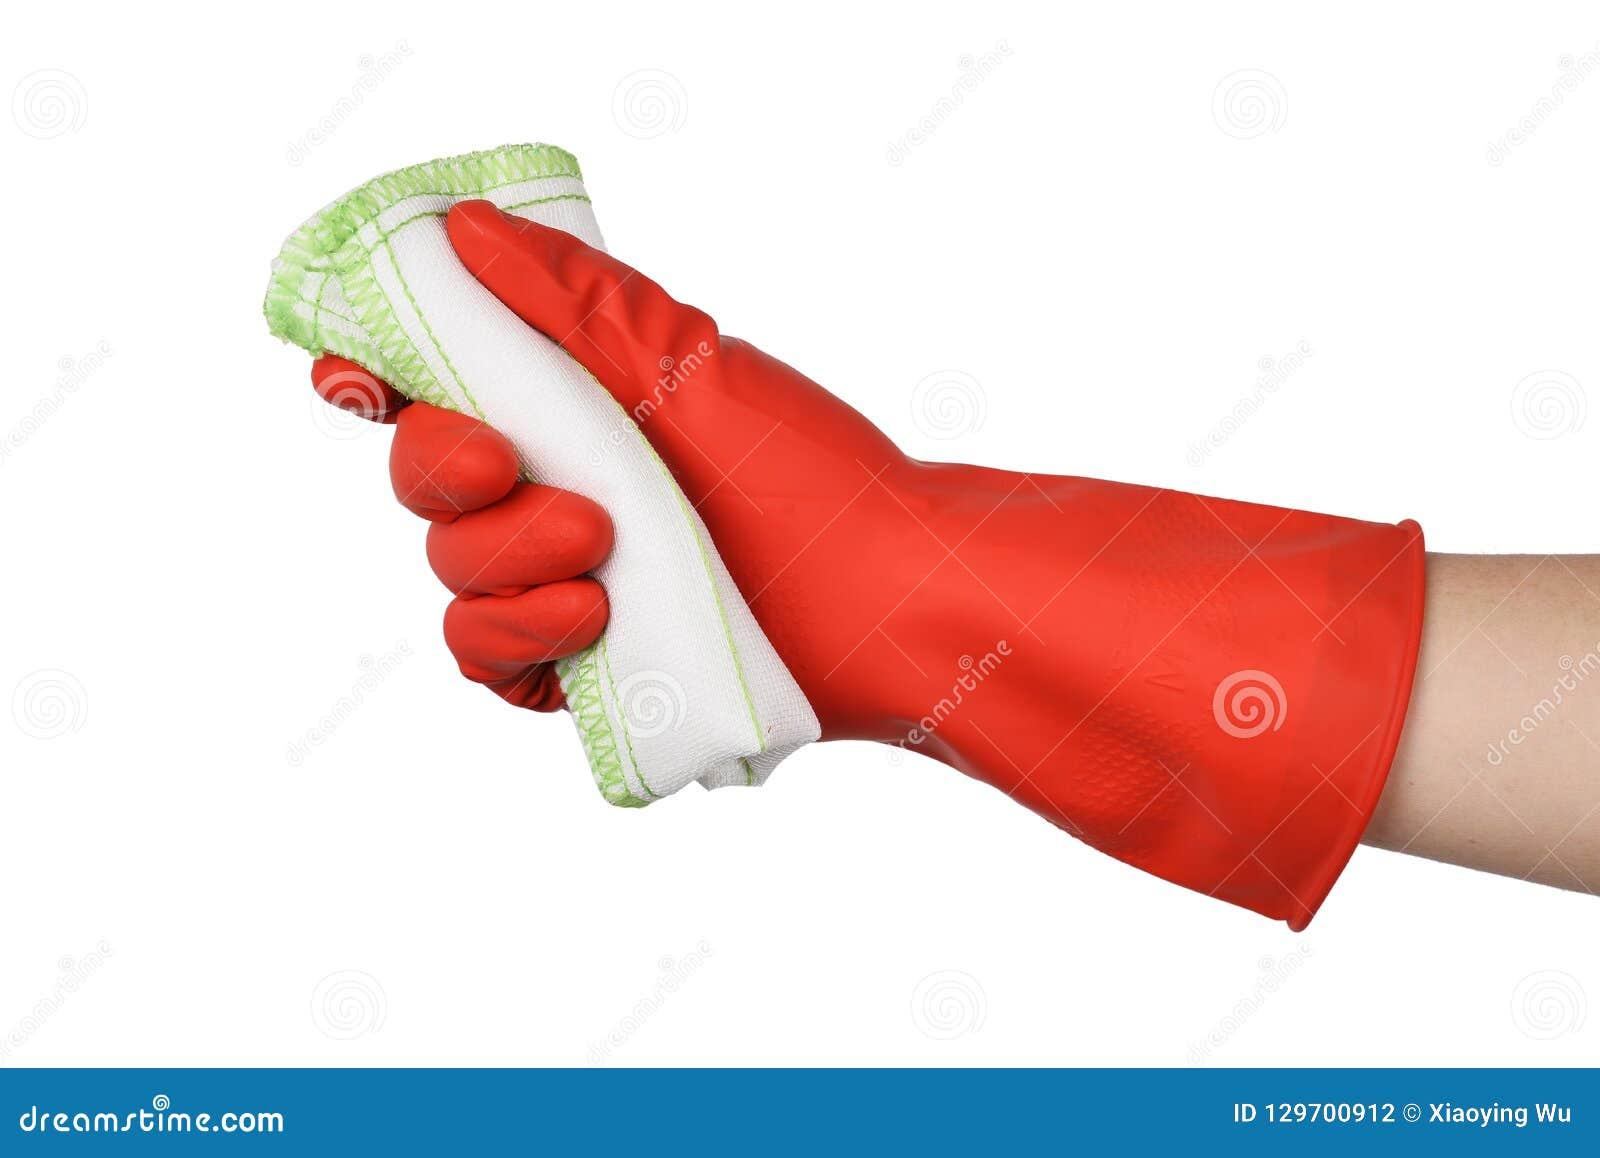 厨房清洗手套的用途手套